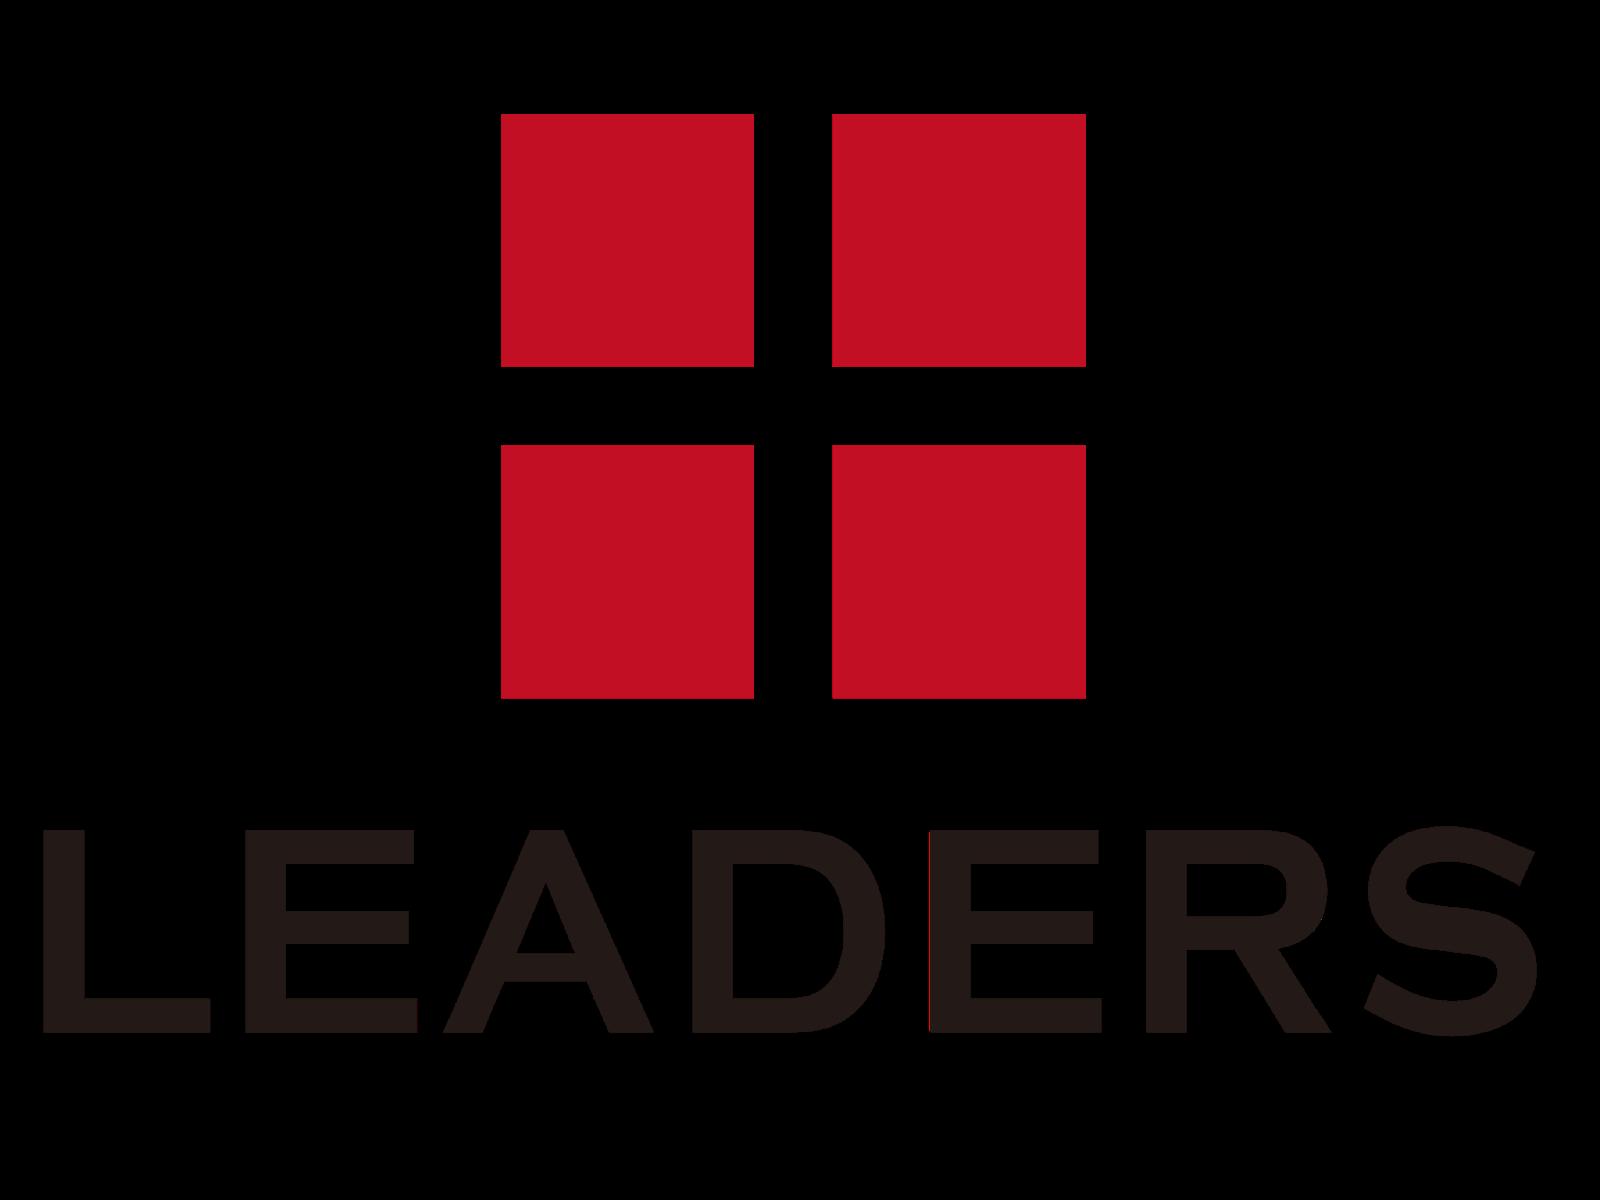 LeadersUsa